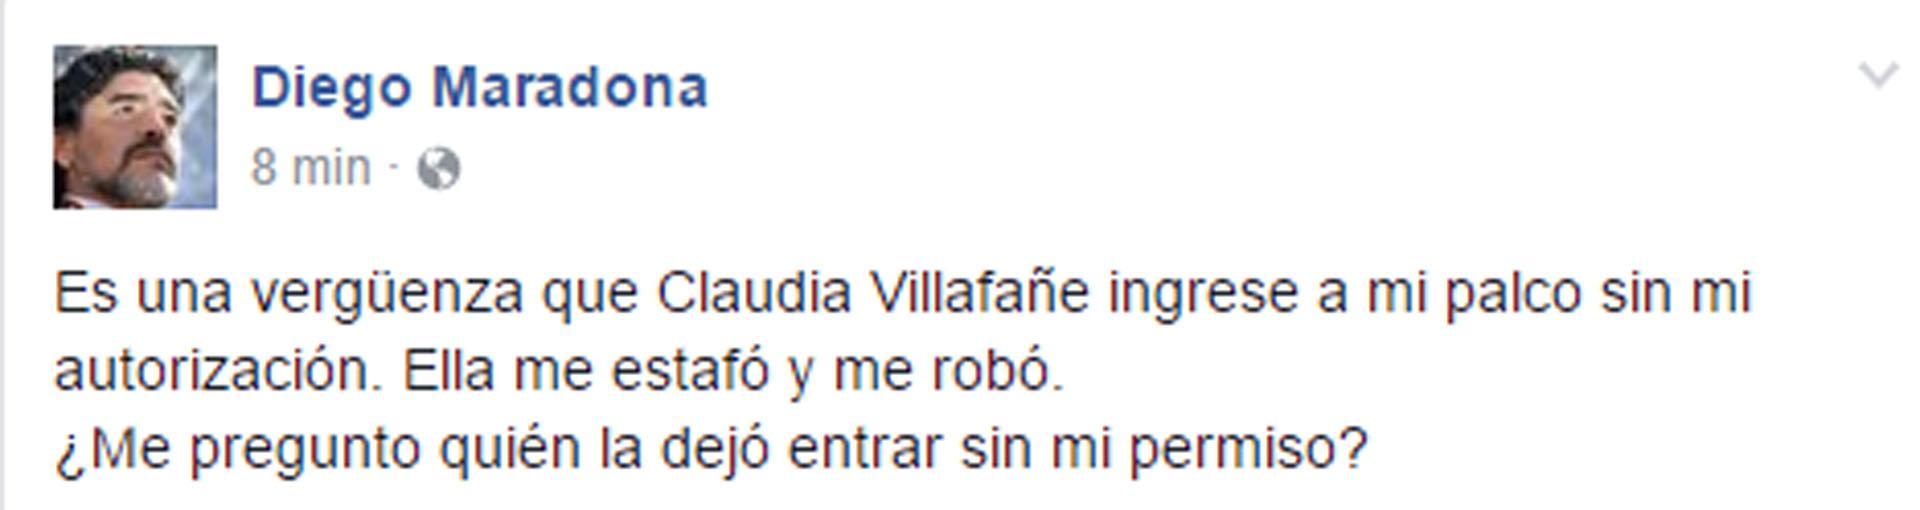 El posteo de Diego Maradona contra su ex en su cuenta de Facebook